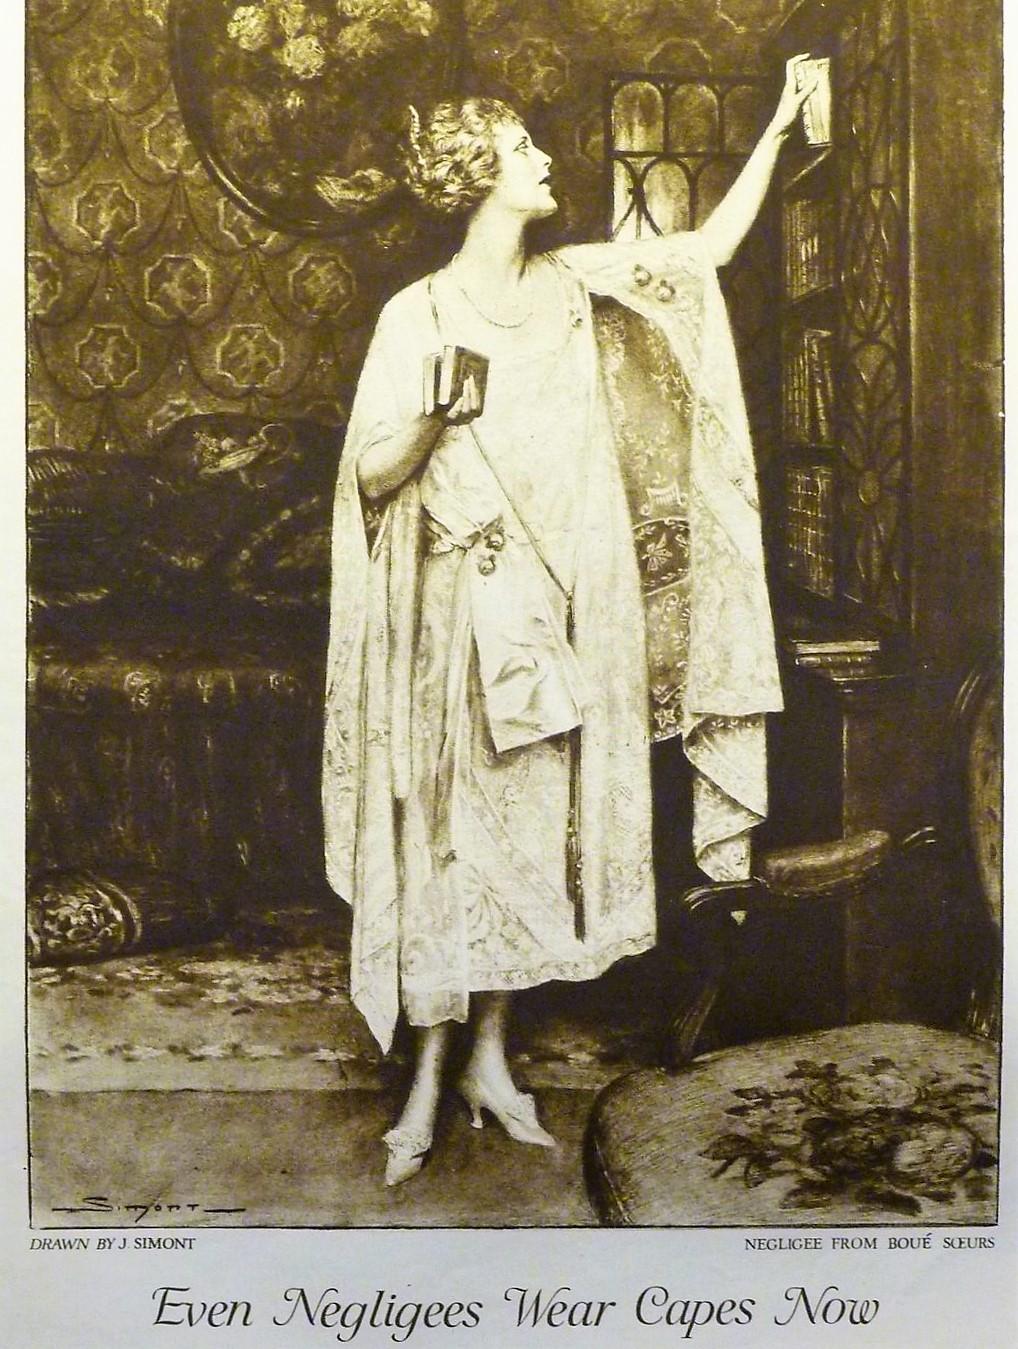 Z SIMONT 1921